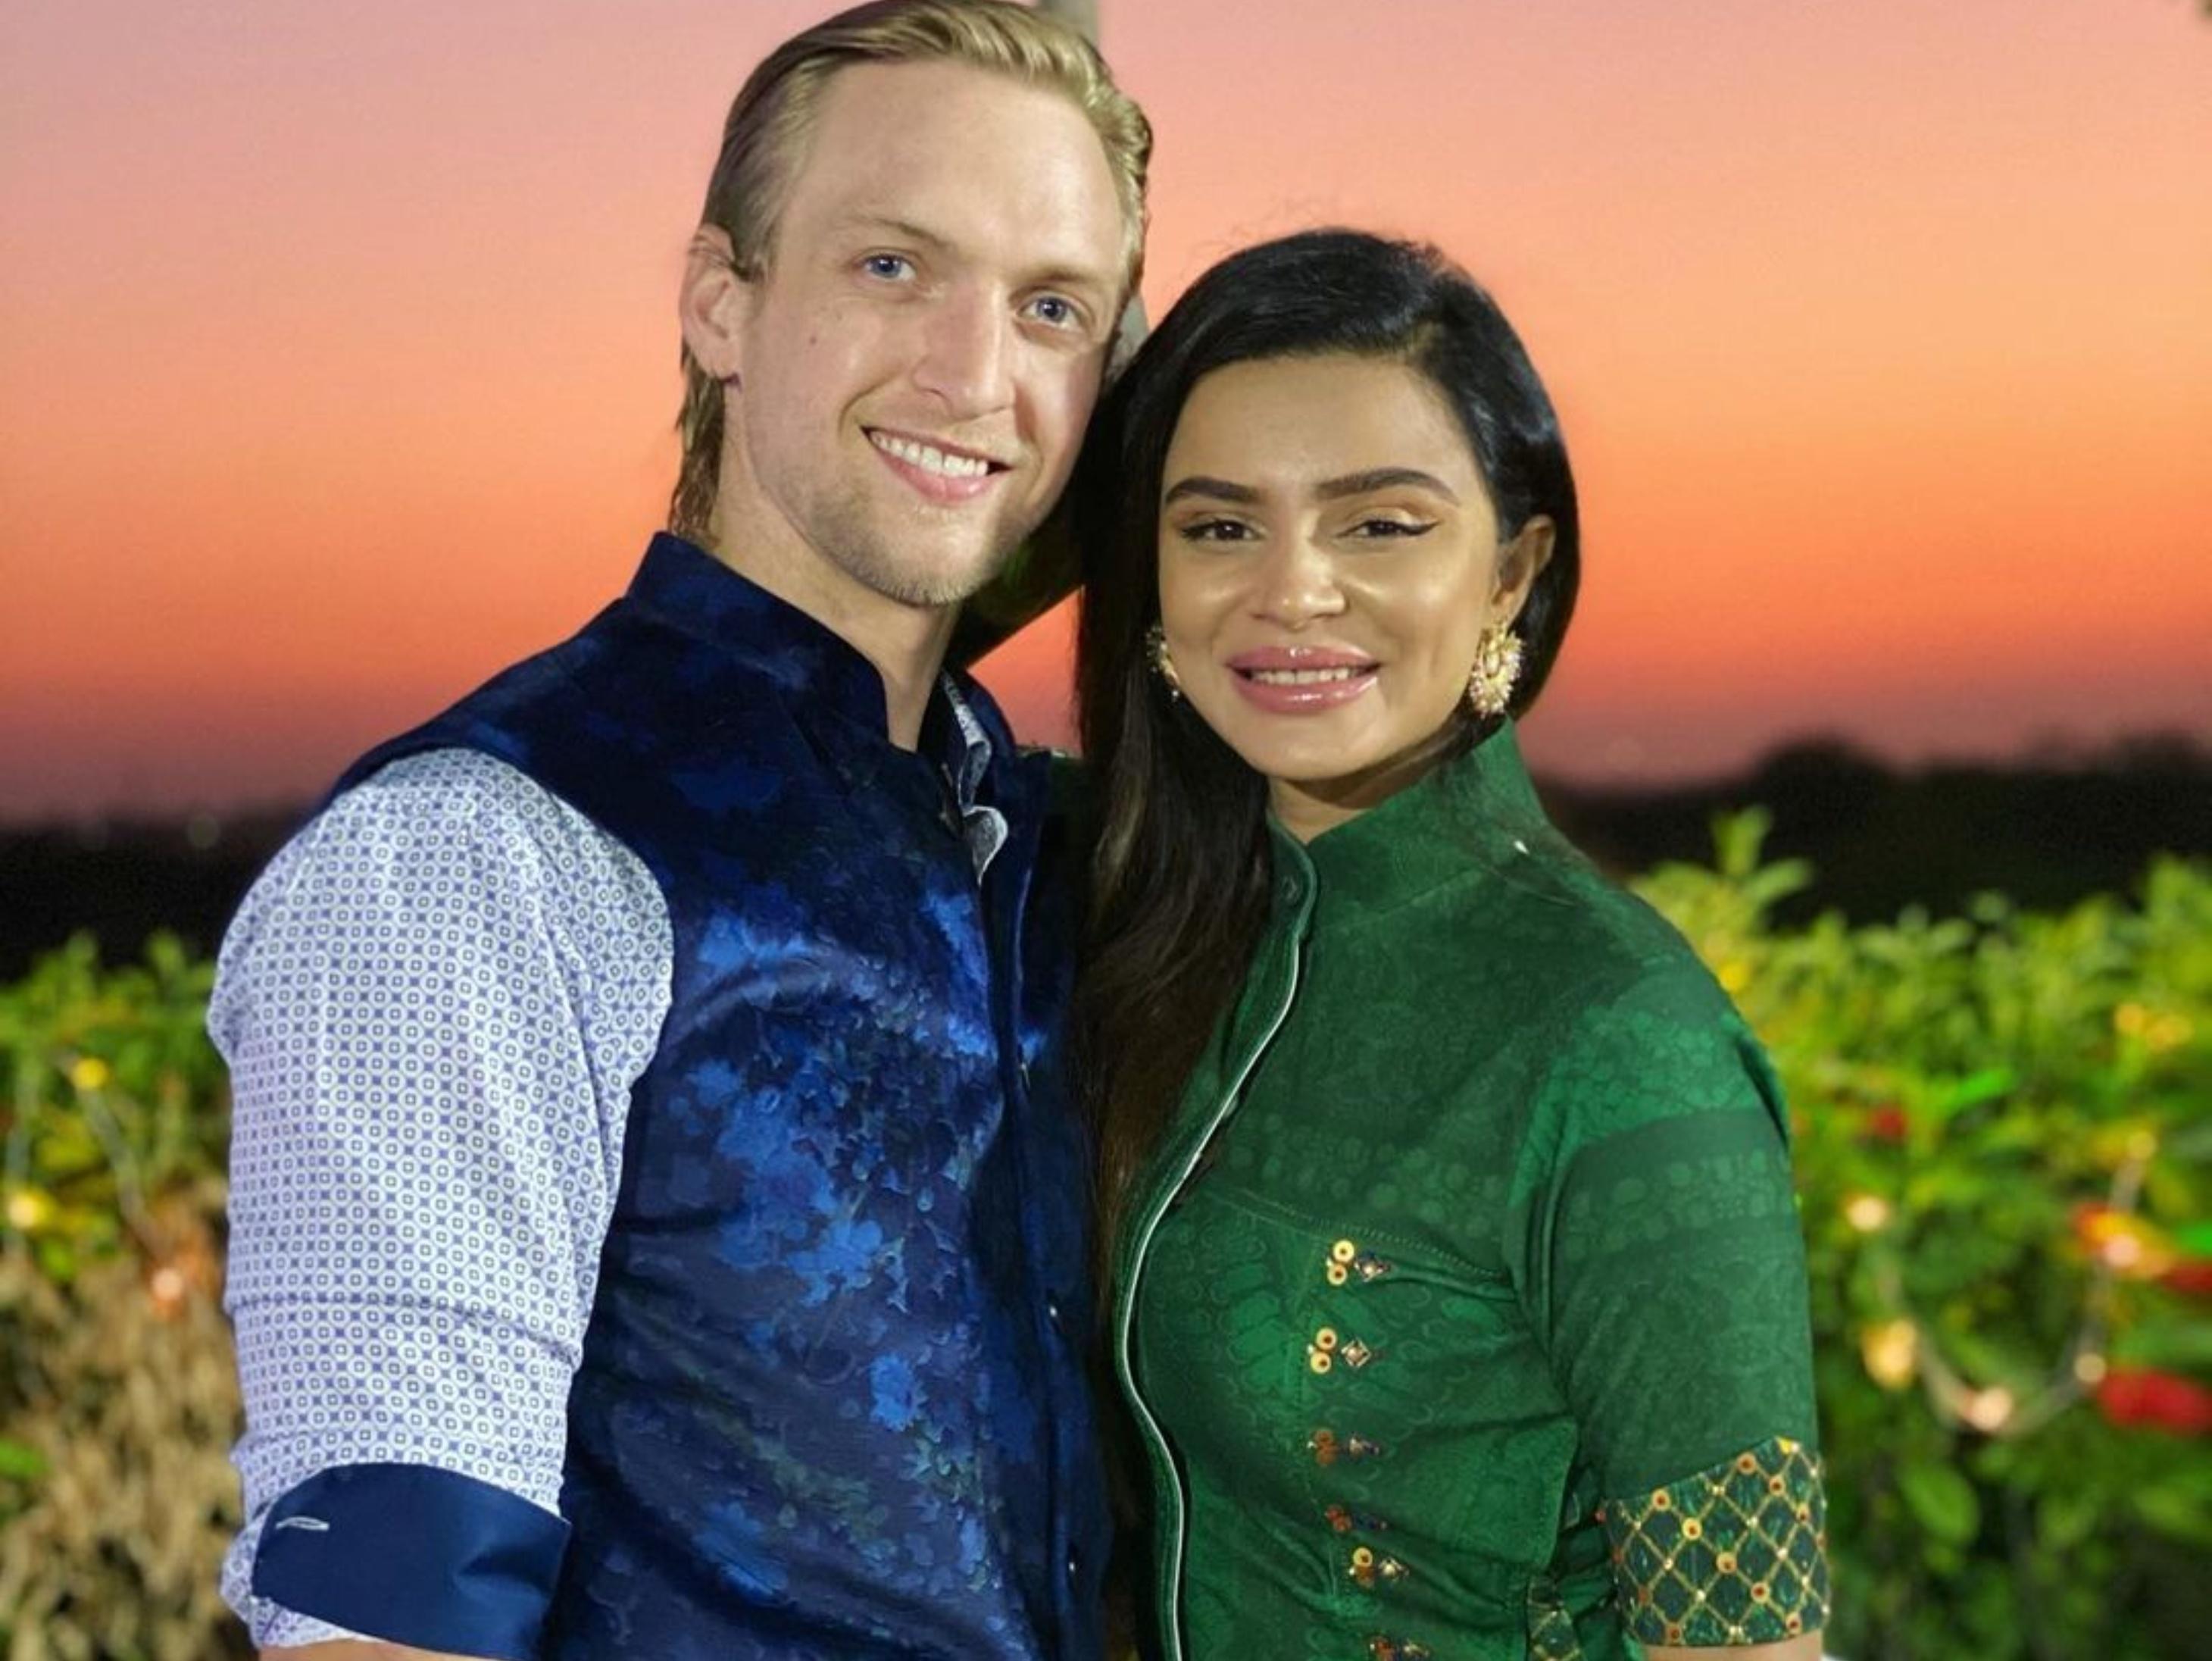 आशका गोराड़िया और ब्रेंट गोबल को हुआ कोरोना संक्रमण, दो दिन पहले ही एक्टिंग को अलविदा कह चुकीं हैं एक्ट्रेस|टीवी,TV - Dainik Bhaskar